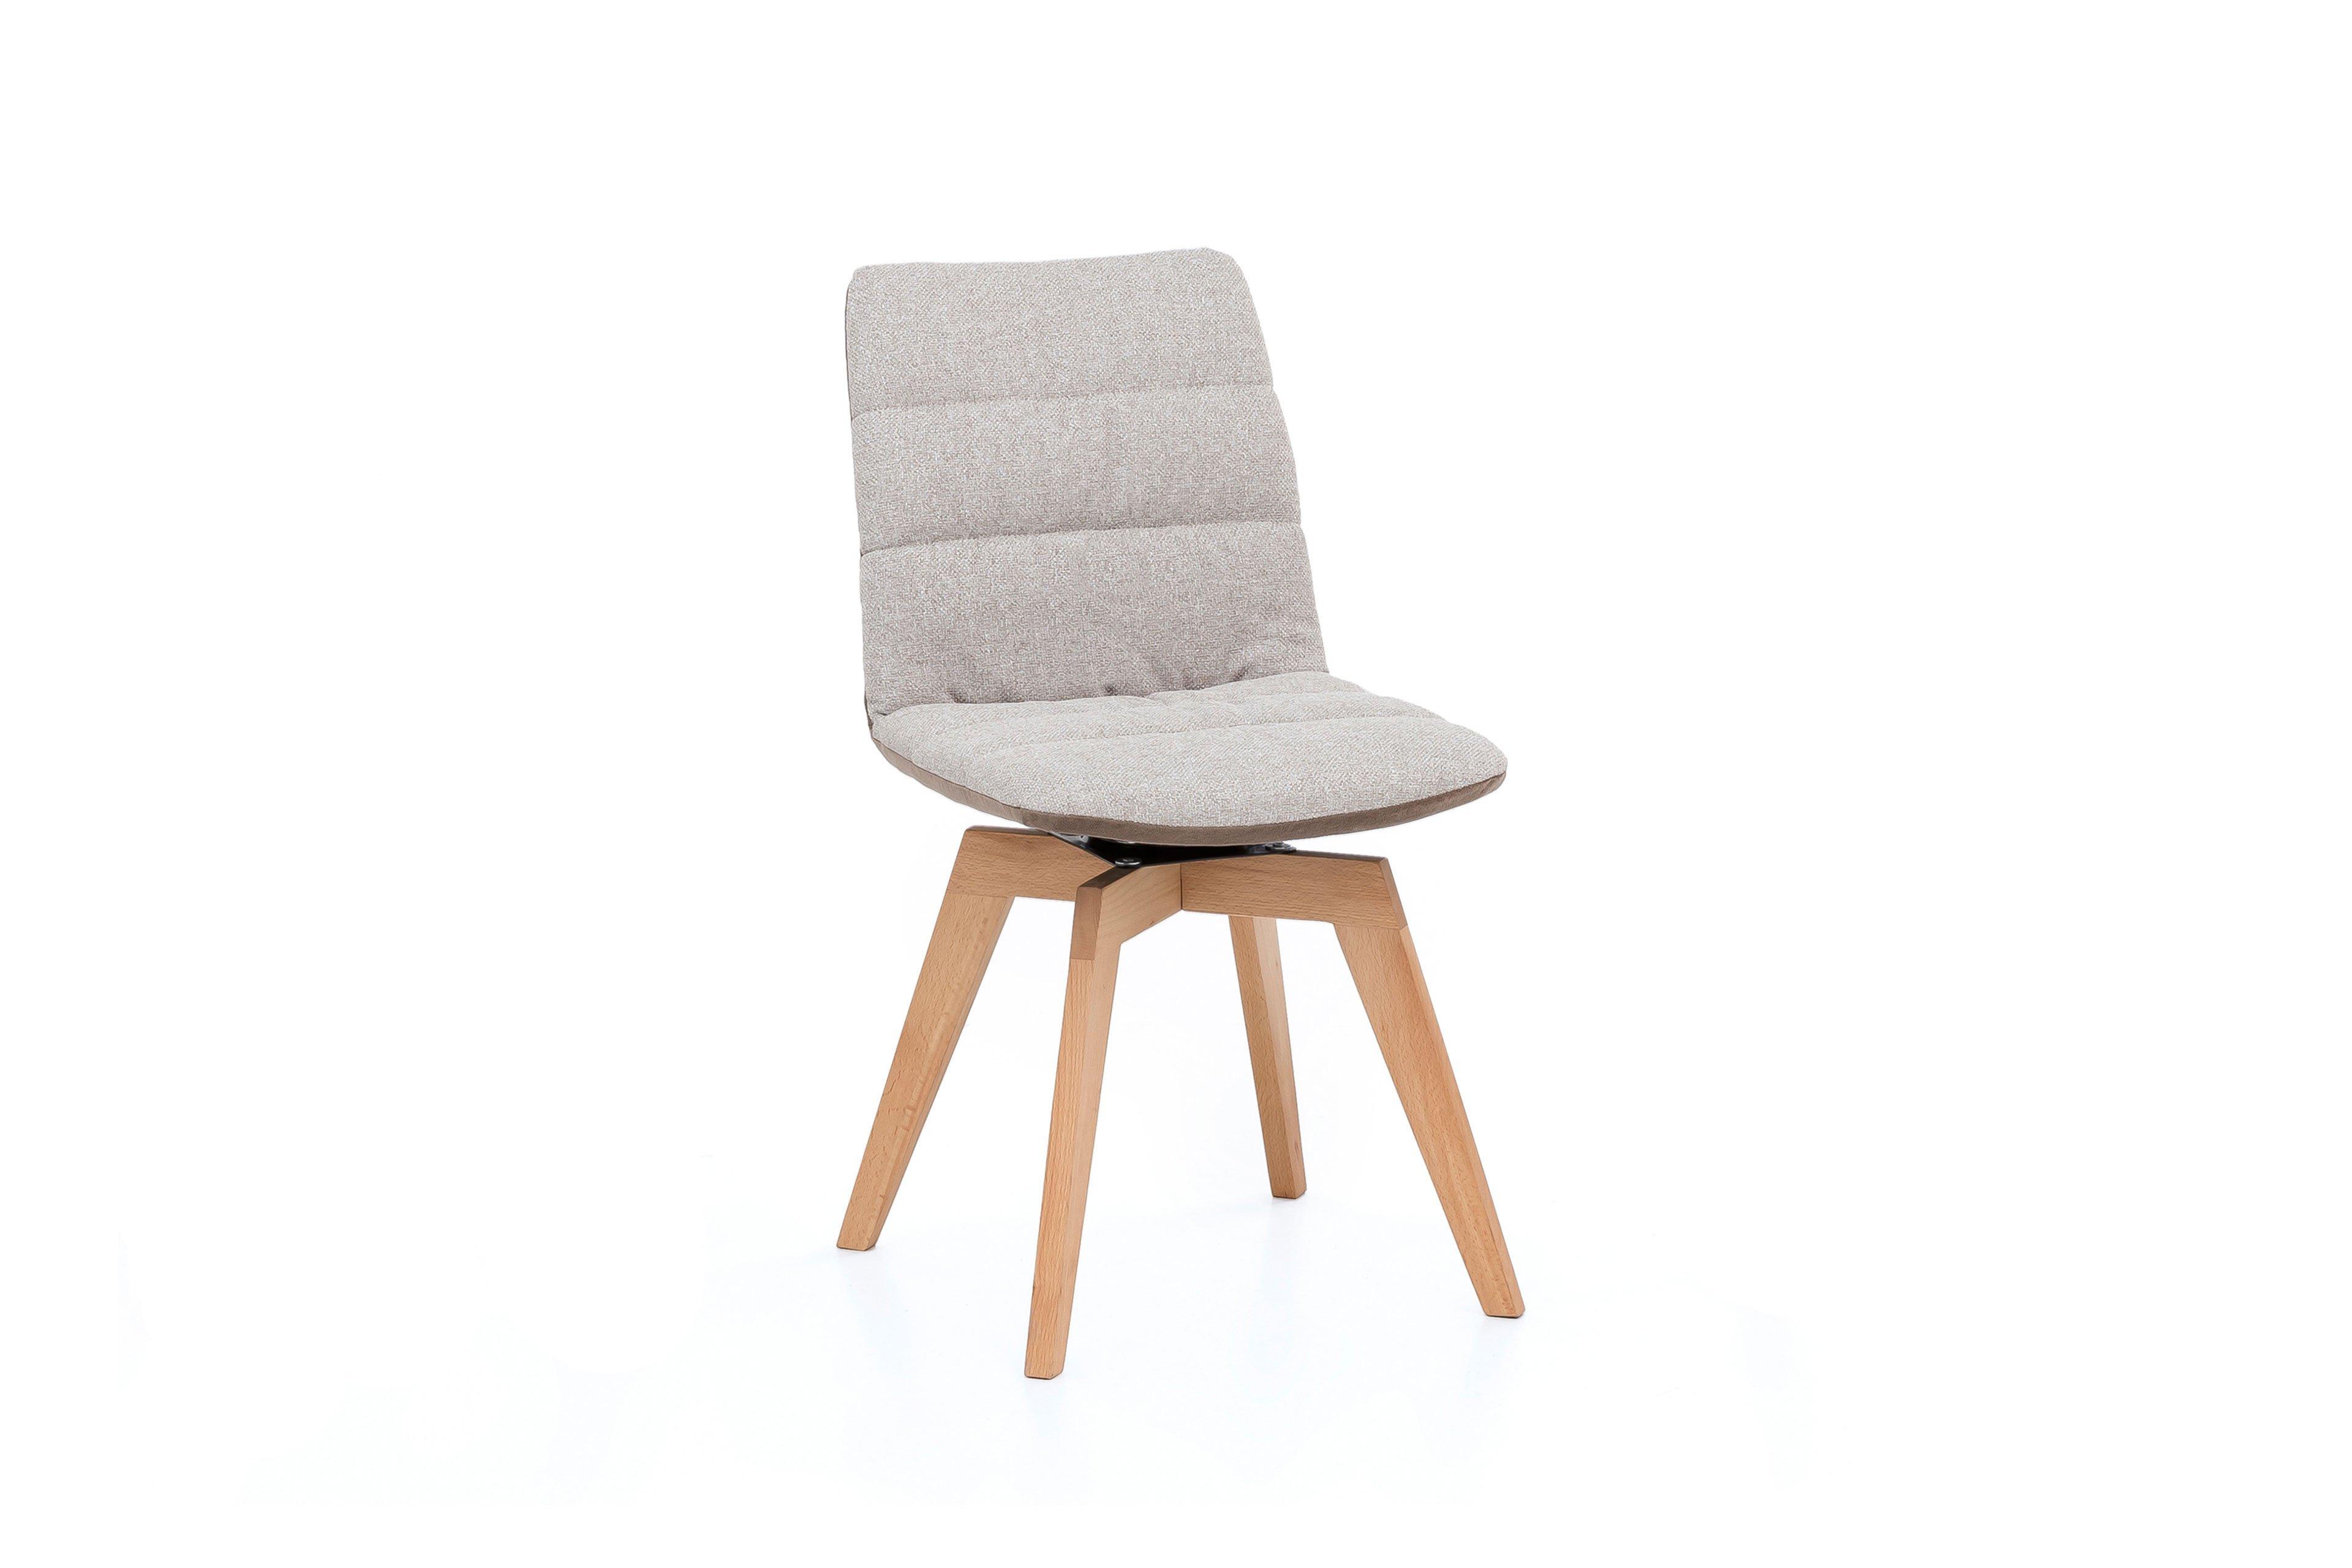 Tremendous Phil Von Standard Furniture Stuhl In Schlamm Taupe Uwap Interior Chair Design Uwaporg